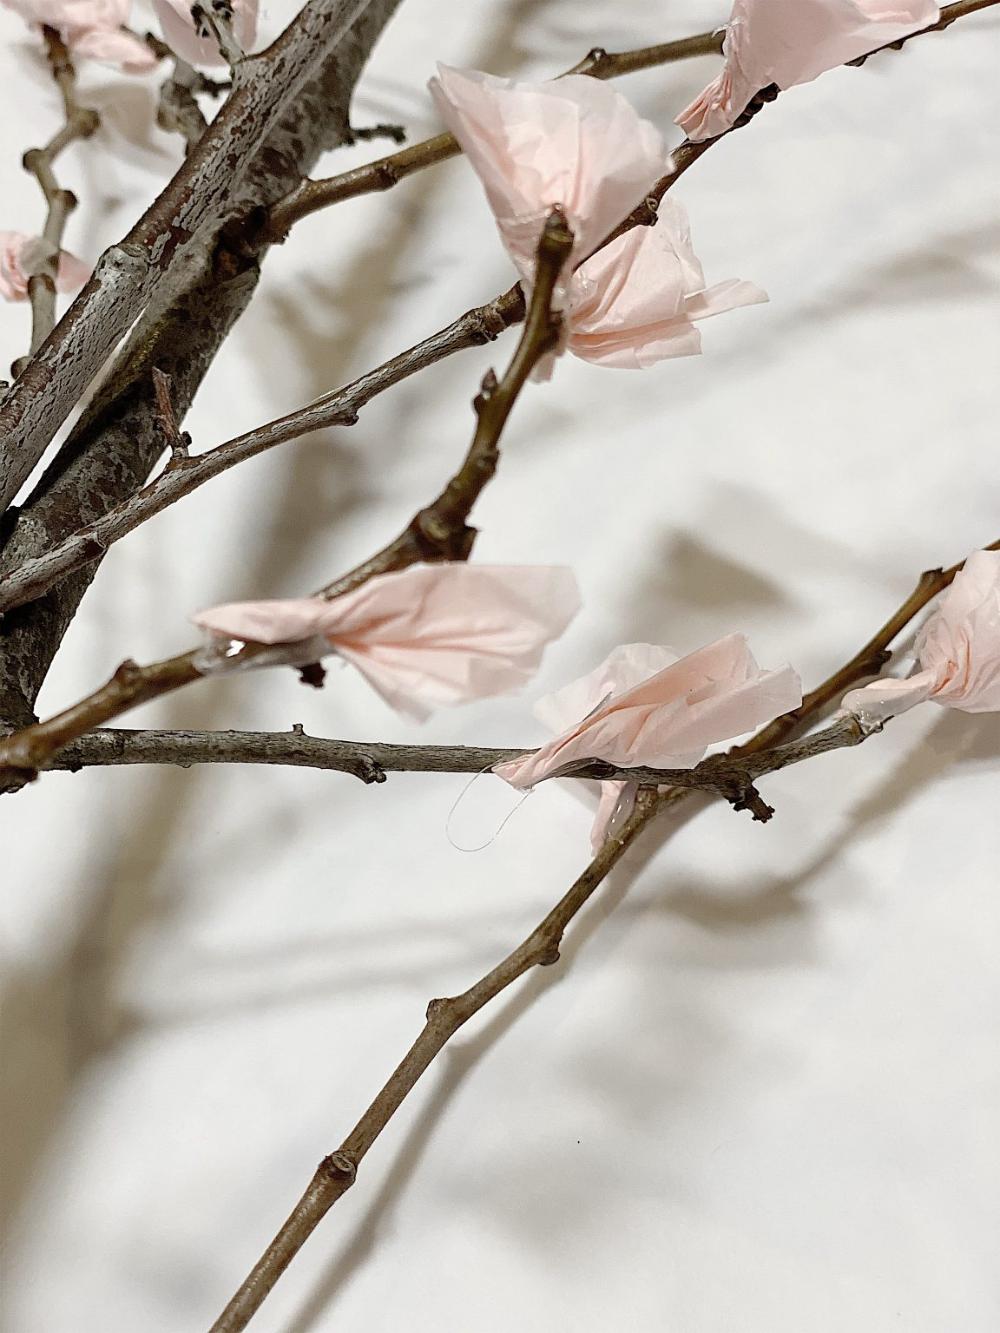 Cherry Blossoms Diy In 2021 Cherry Blossom Branch Cherry Blossom Branches Diy